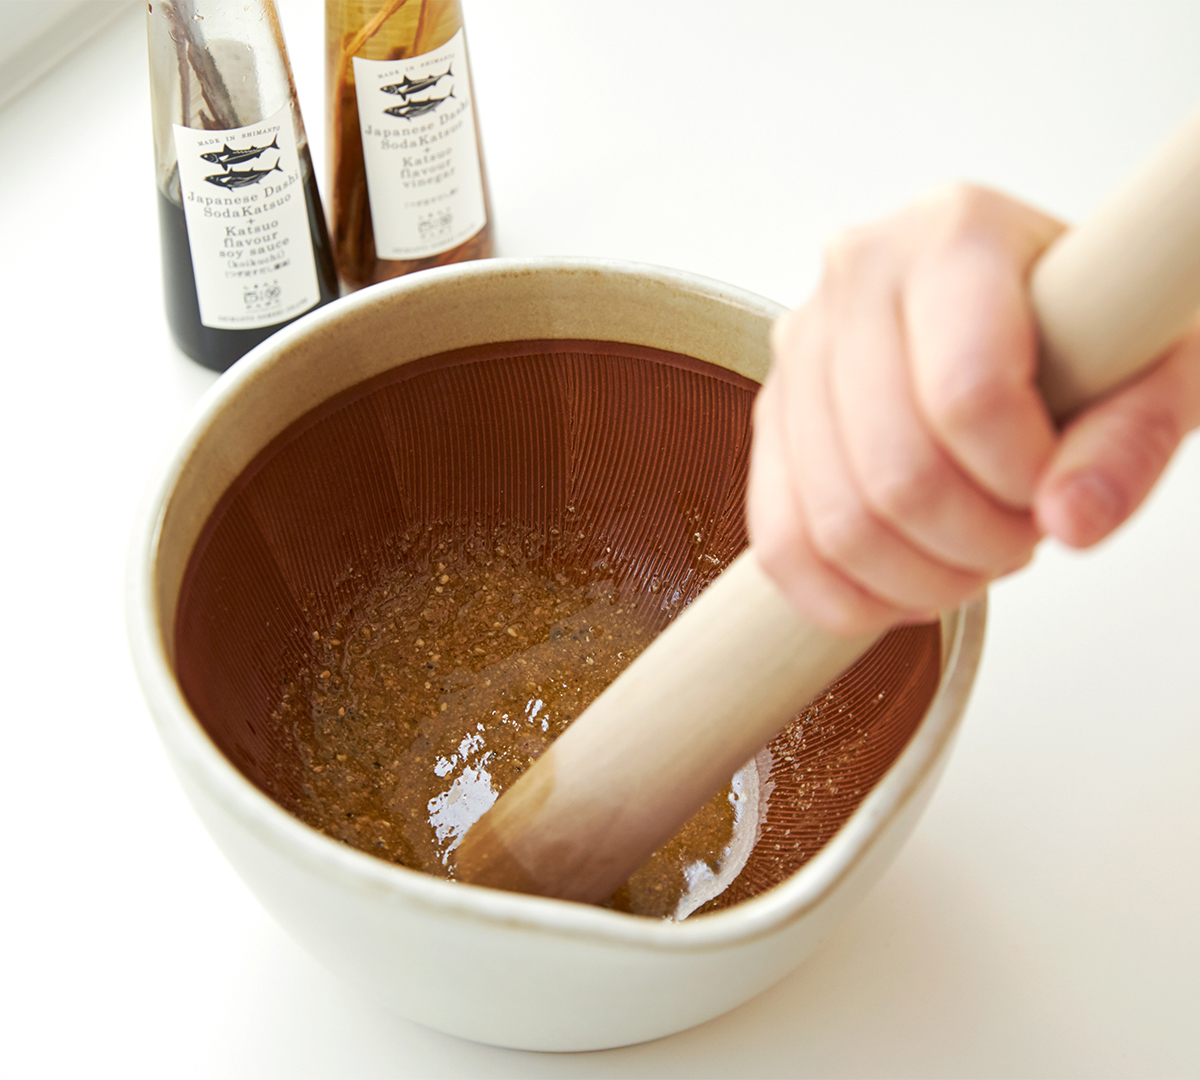 手軽で栄養たっぷりの手作りドレッシングも簡単。鉢の中で玉子サンドやポテトサラダが完成!そのまま器になる石見焼のすり鉢とすりこぎ棒|もとしげ